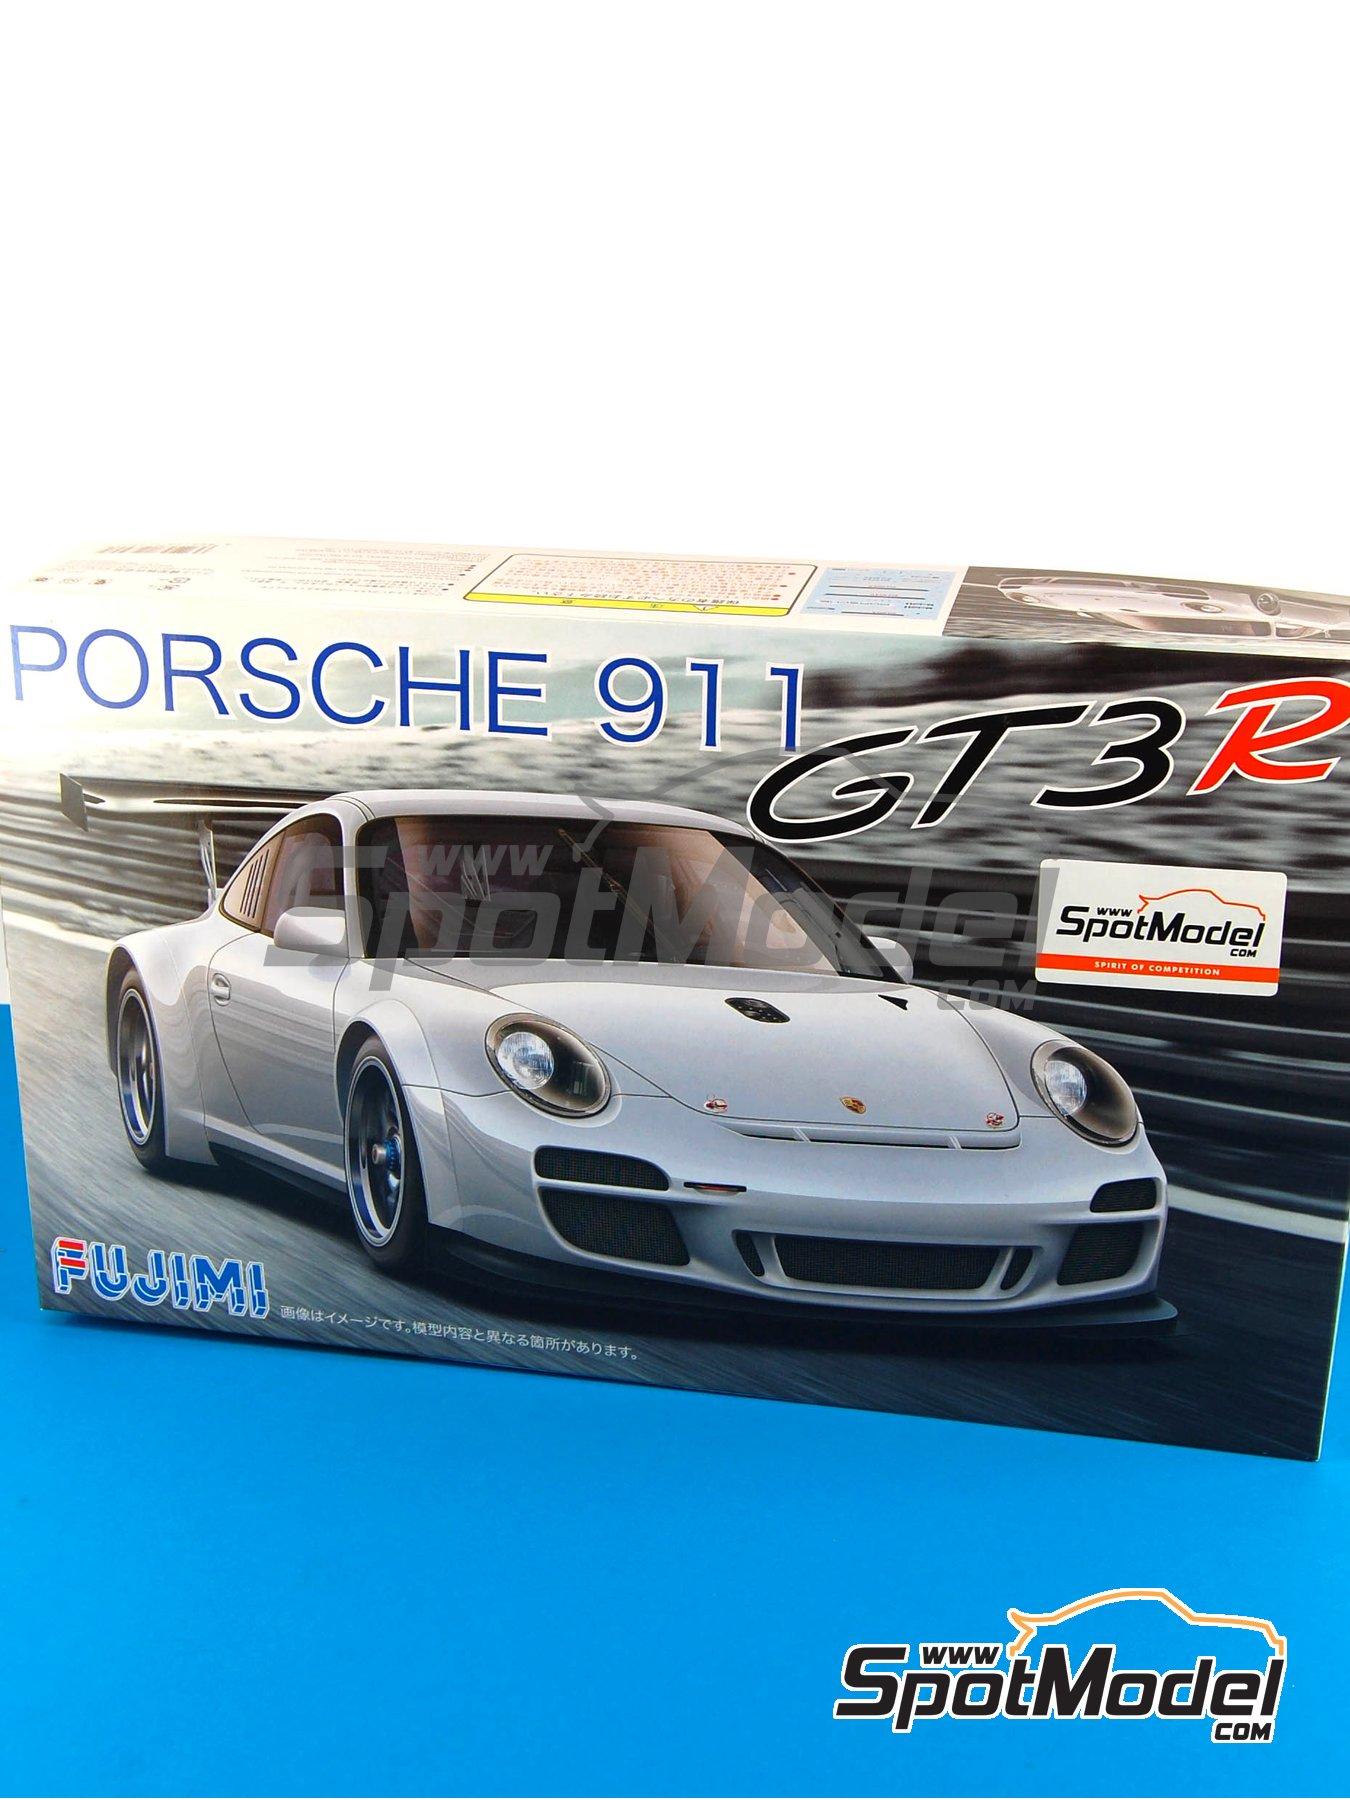 Porsche 911 GT3R   Maqueta de coche en escala1/24 fabricado por Fujimi (ref.FJ123905, tambien 123905 y RS-85) image